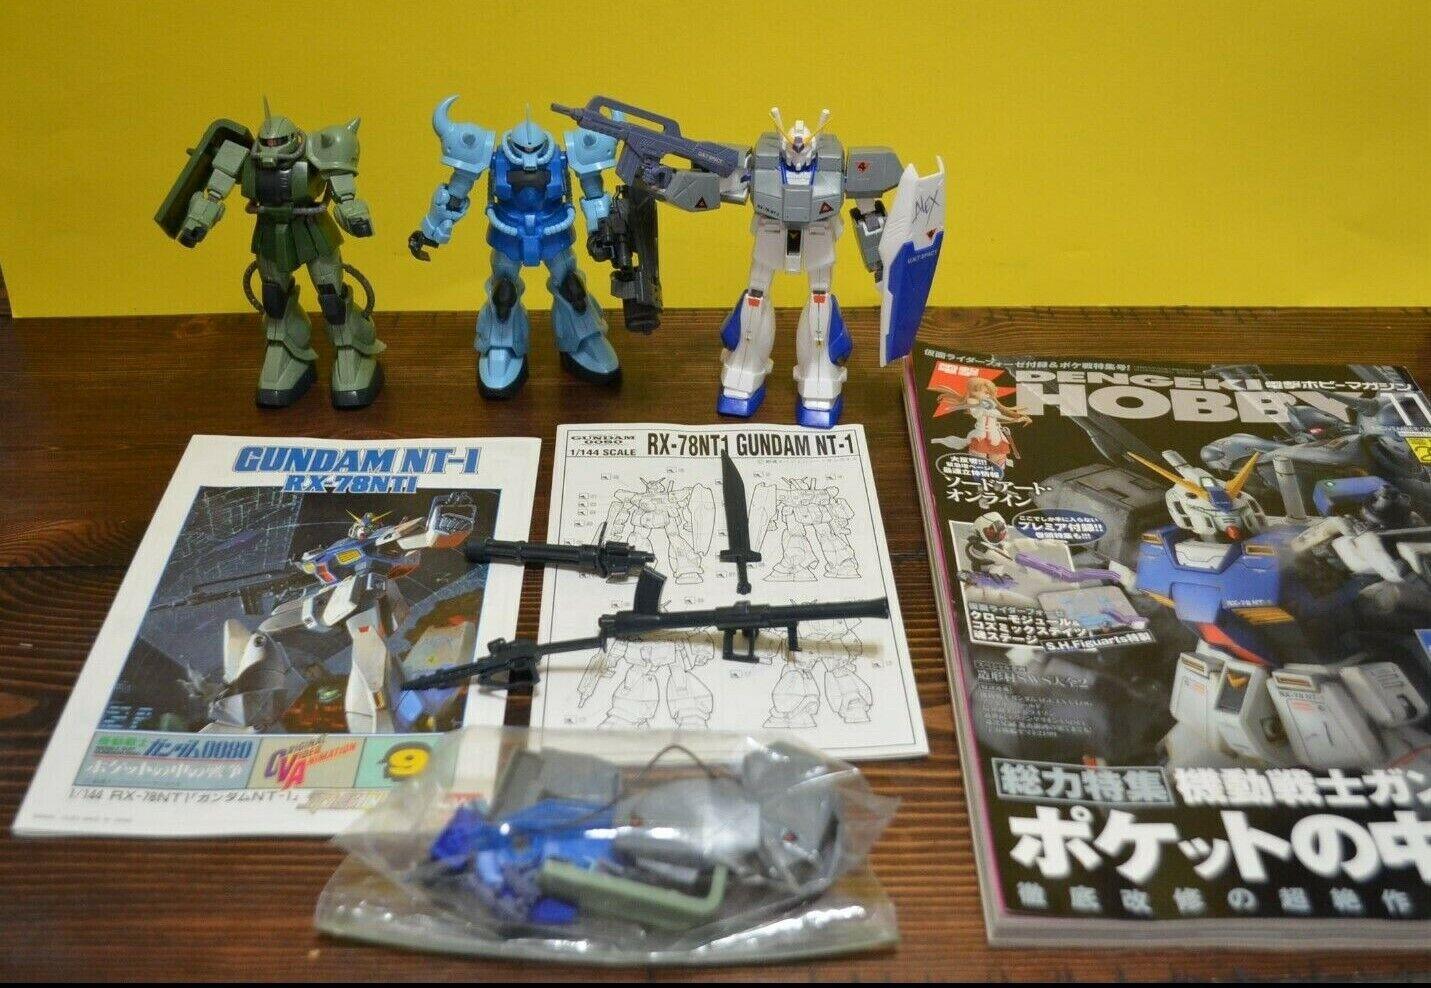 1989 Beai Mobile Suit Gundam 0080 NT-1 RX-78NT1 modellololo  azione cifra Lot 1 144  risparmia il 60% di sconto e la spedizione veloce in tutto il mondo